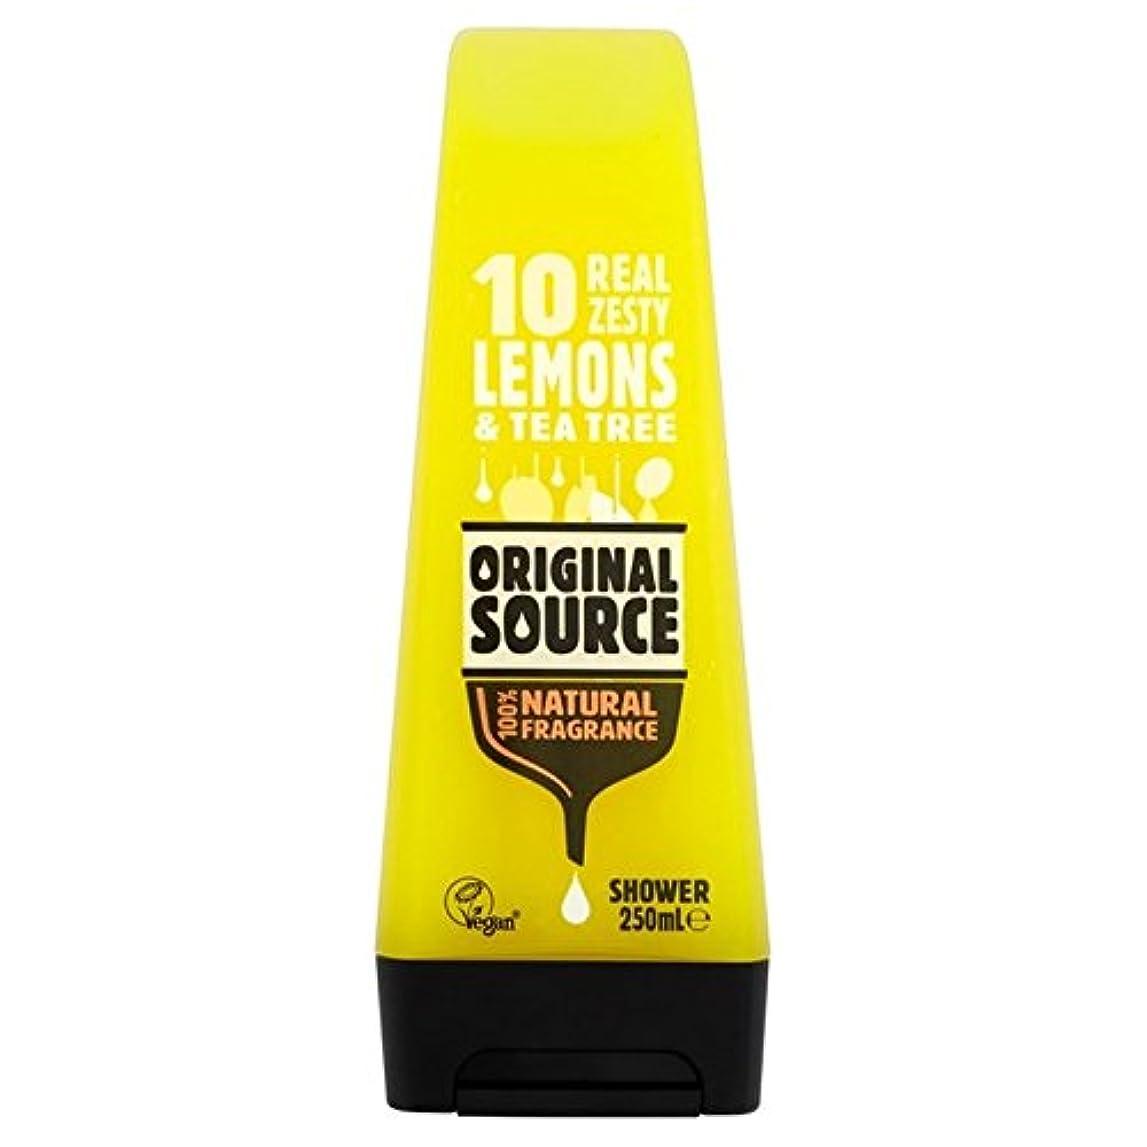 便益ダニ豊かにする元のソースのレモンシャワージェル250ミリリットル x4 - Original Source Lemon Shower Gel 250ml (Pack of 4) [並行輸入品]